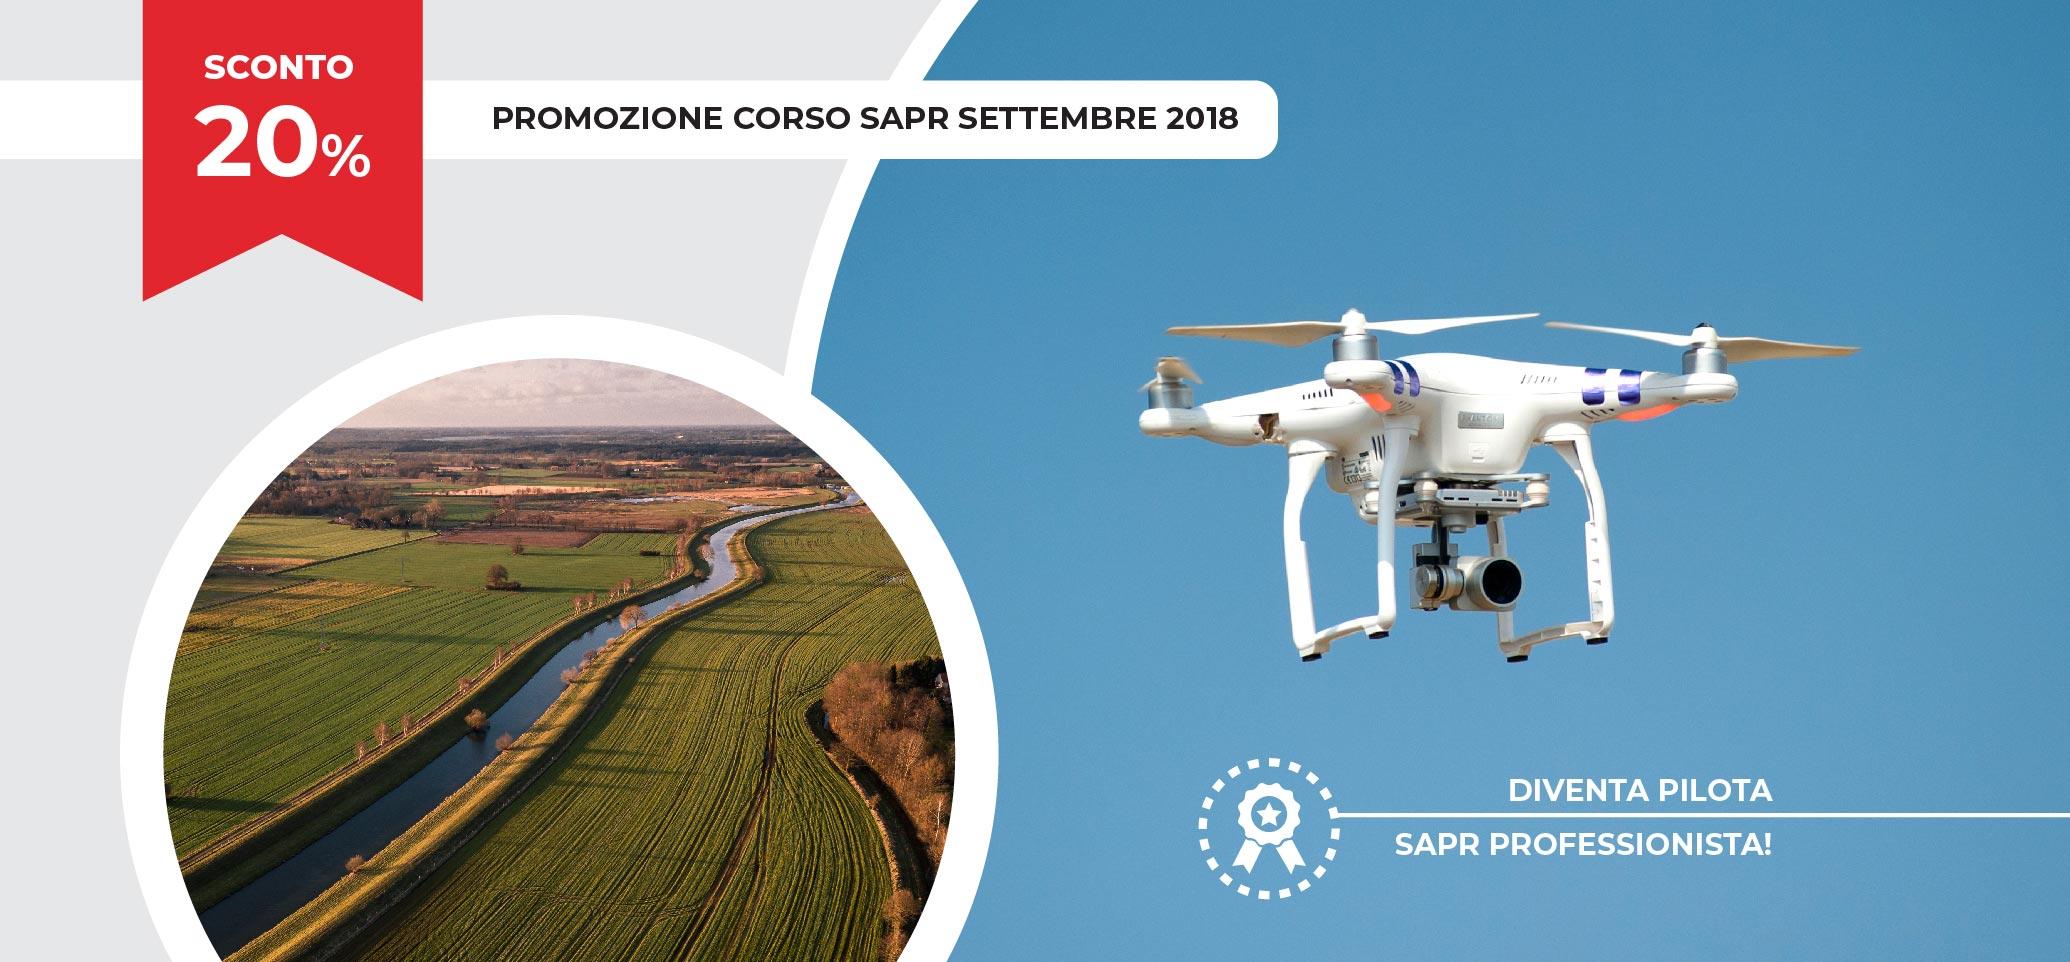 CORSI PILOTAGGIO DRONI PIEMONTE VOLO DRONE ACADEMY DIVENTA ISTRUTTORE VOLO .jpg